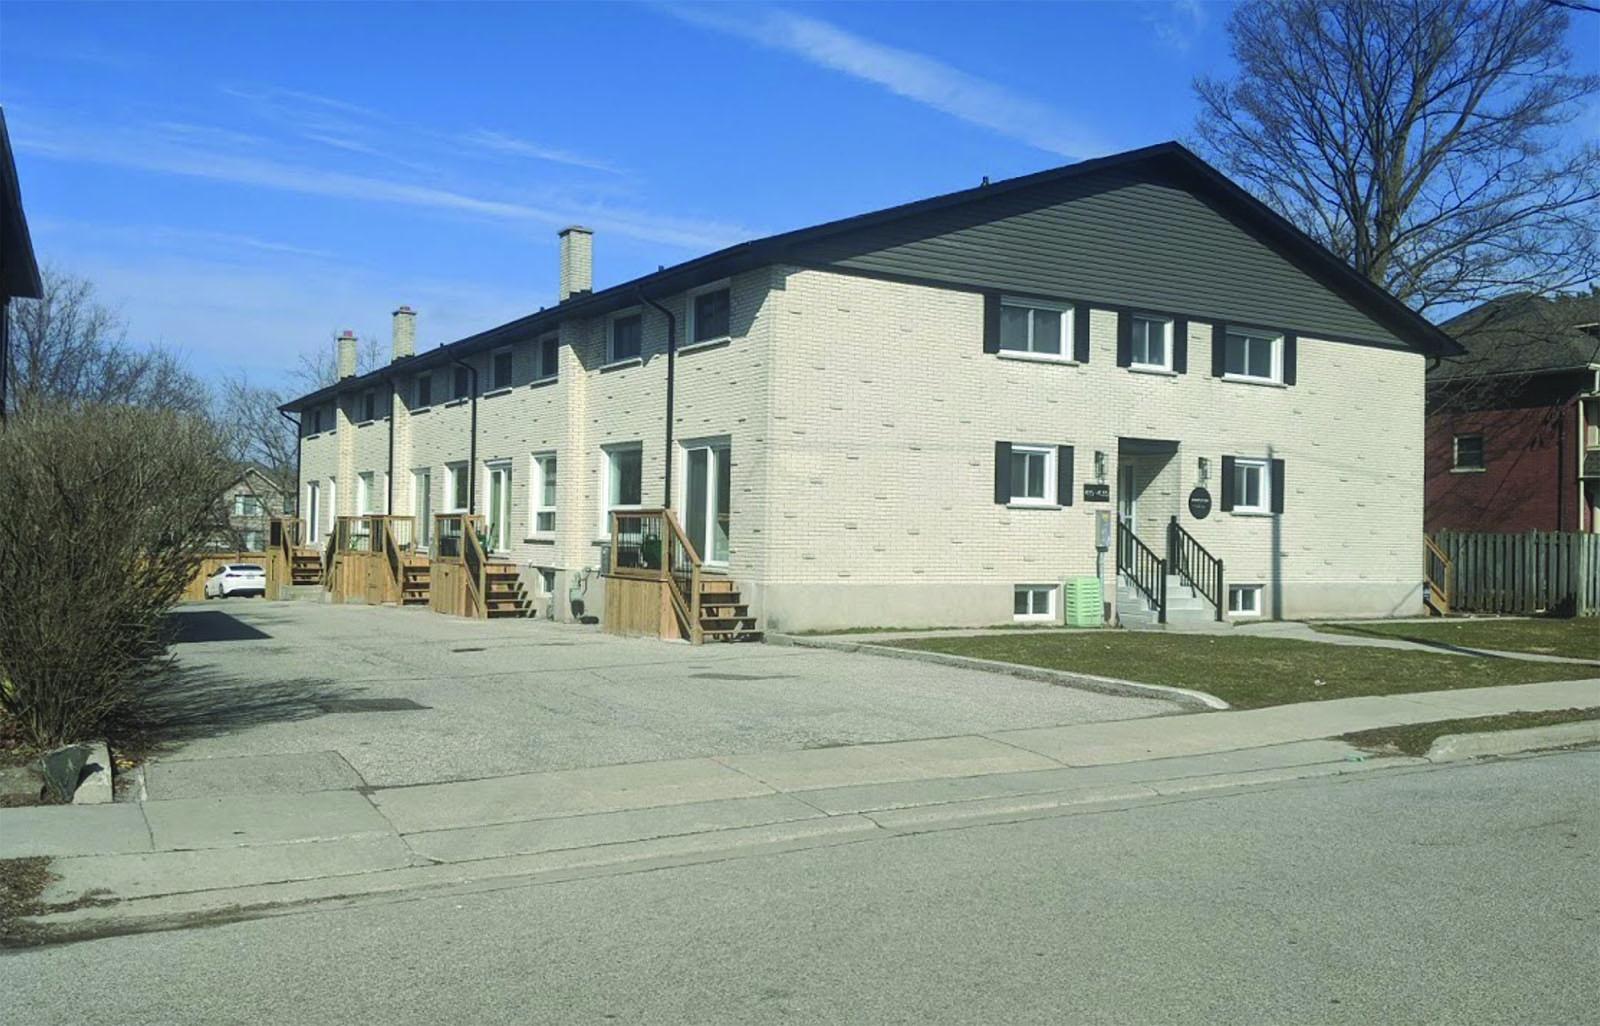 10 Unit Townhouse Complex